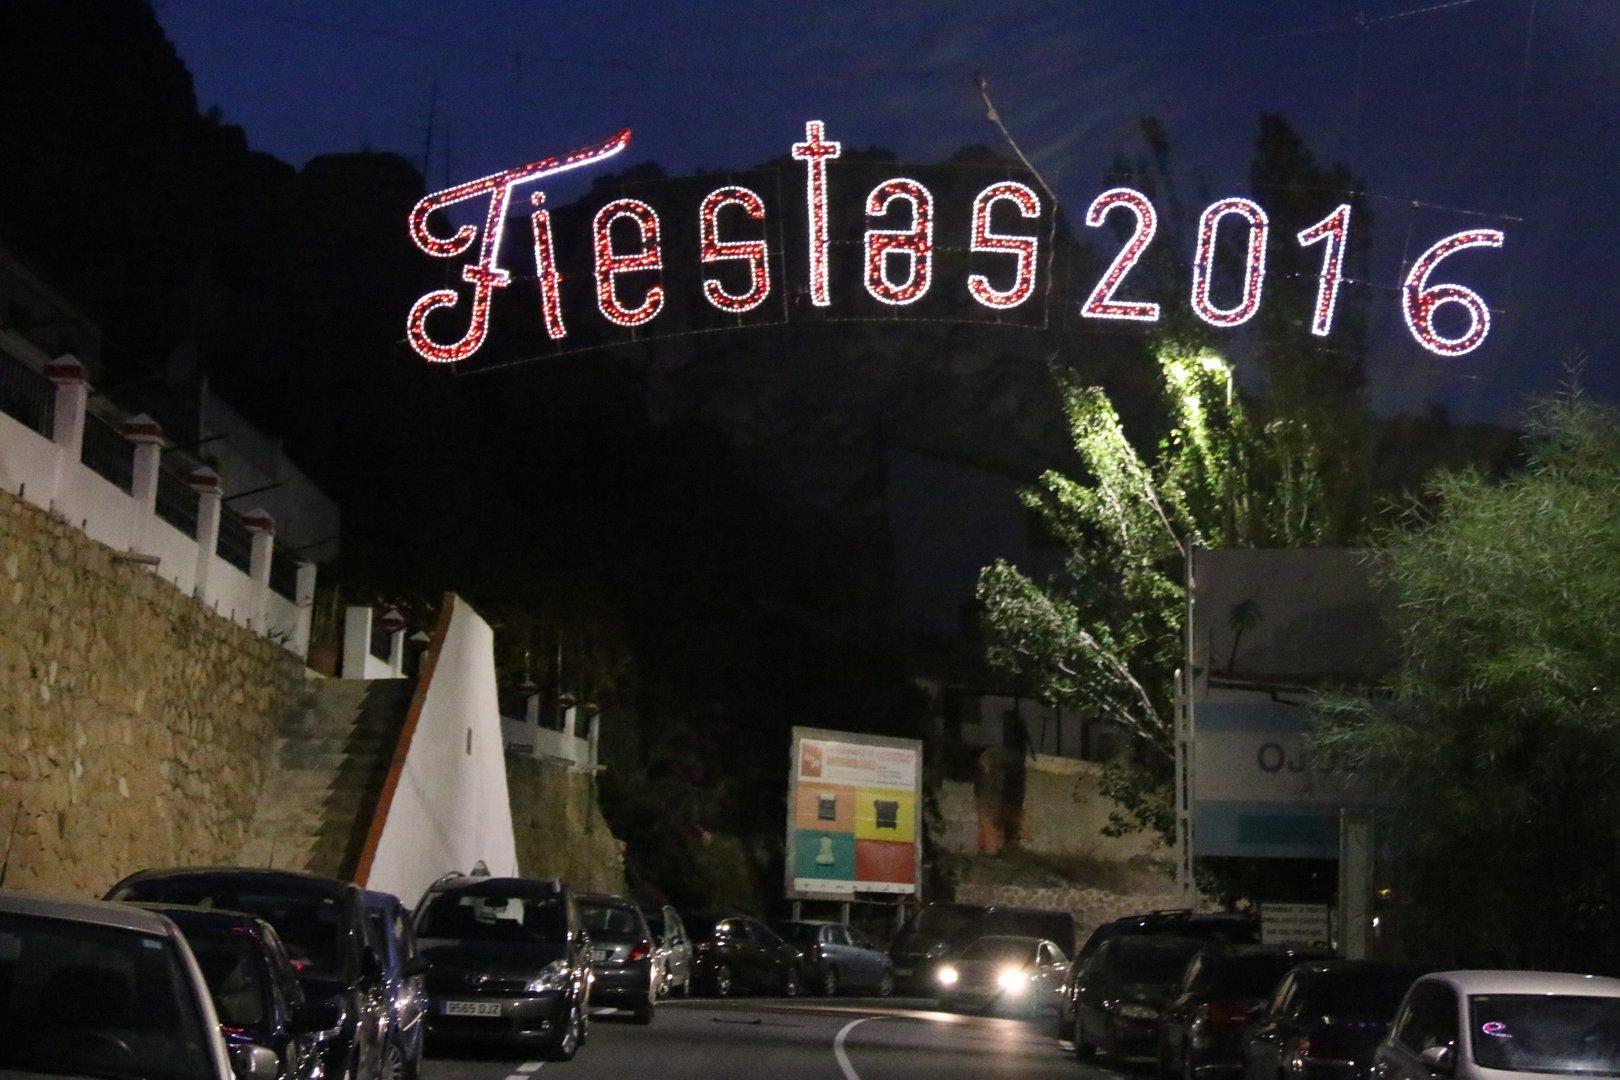 Fiestas de ojós 2016. Domingo. Cohetada 2016. Castillo de fuegos artificiales